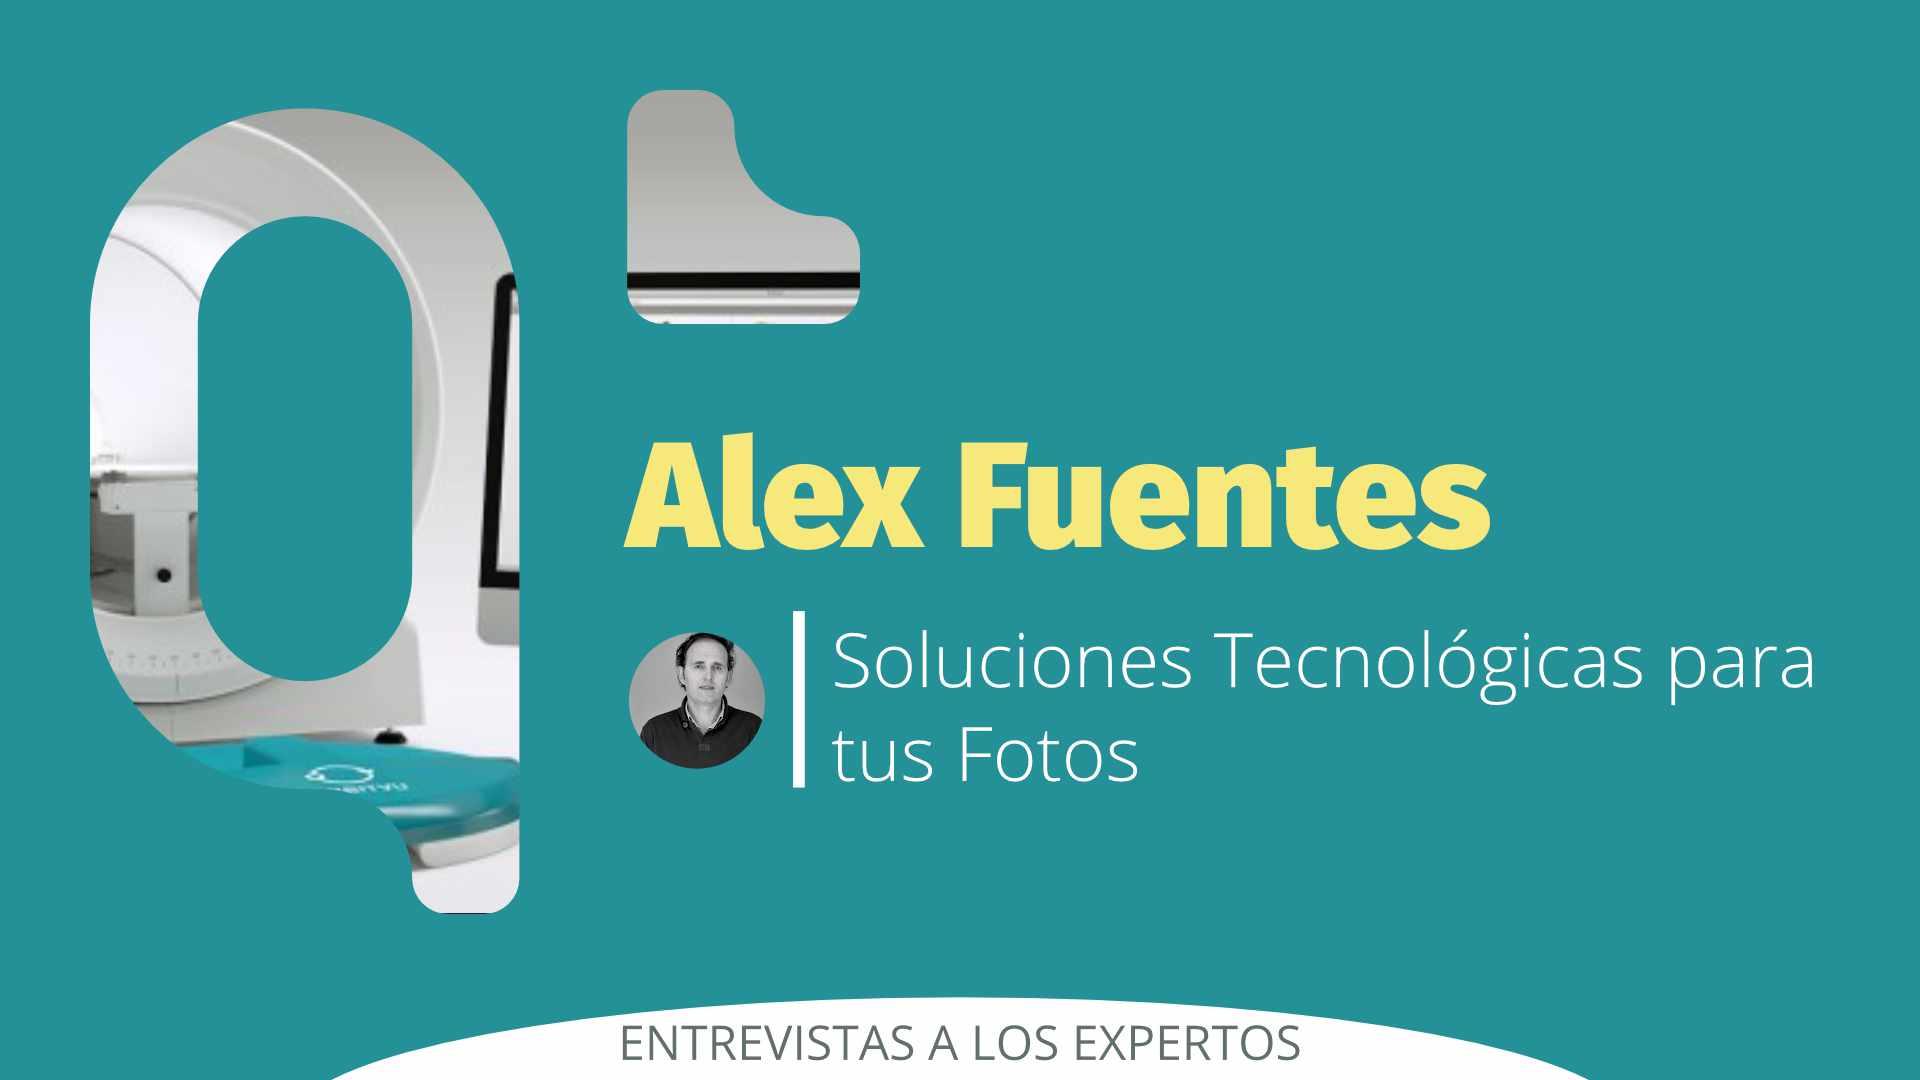 Alex Fuentes ES